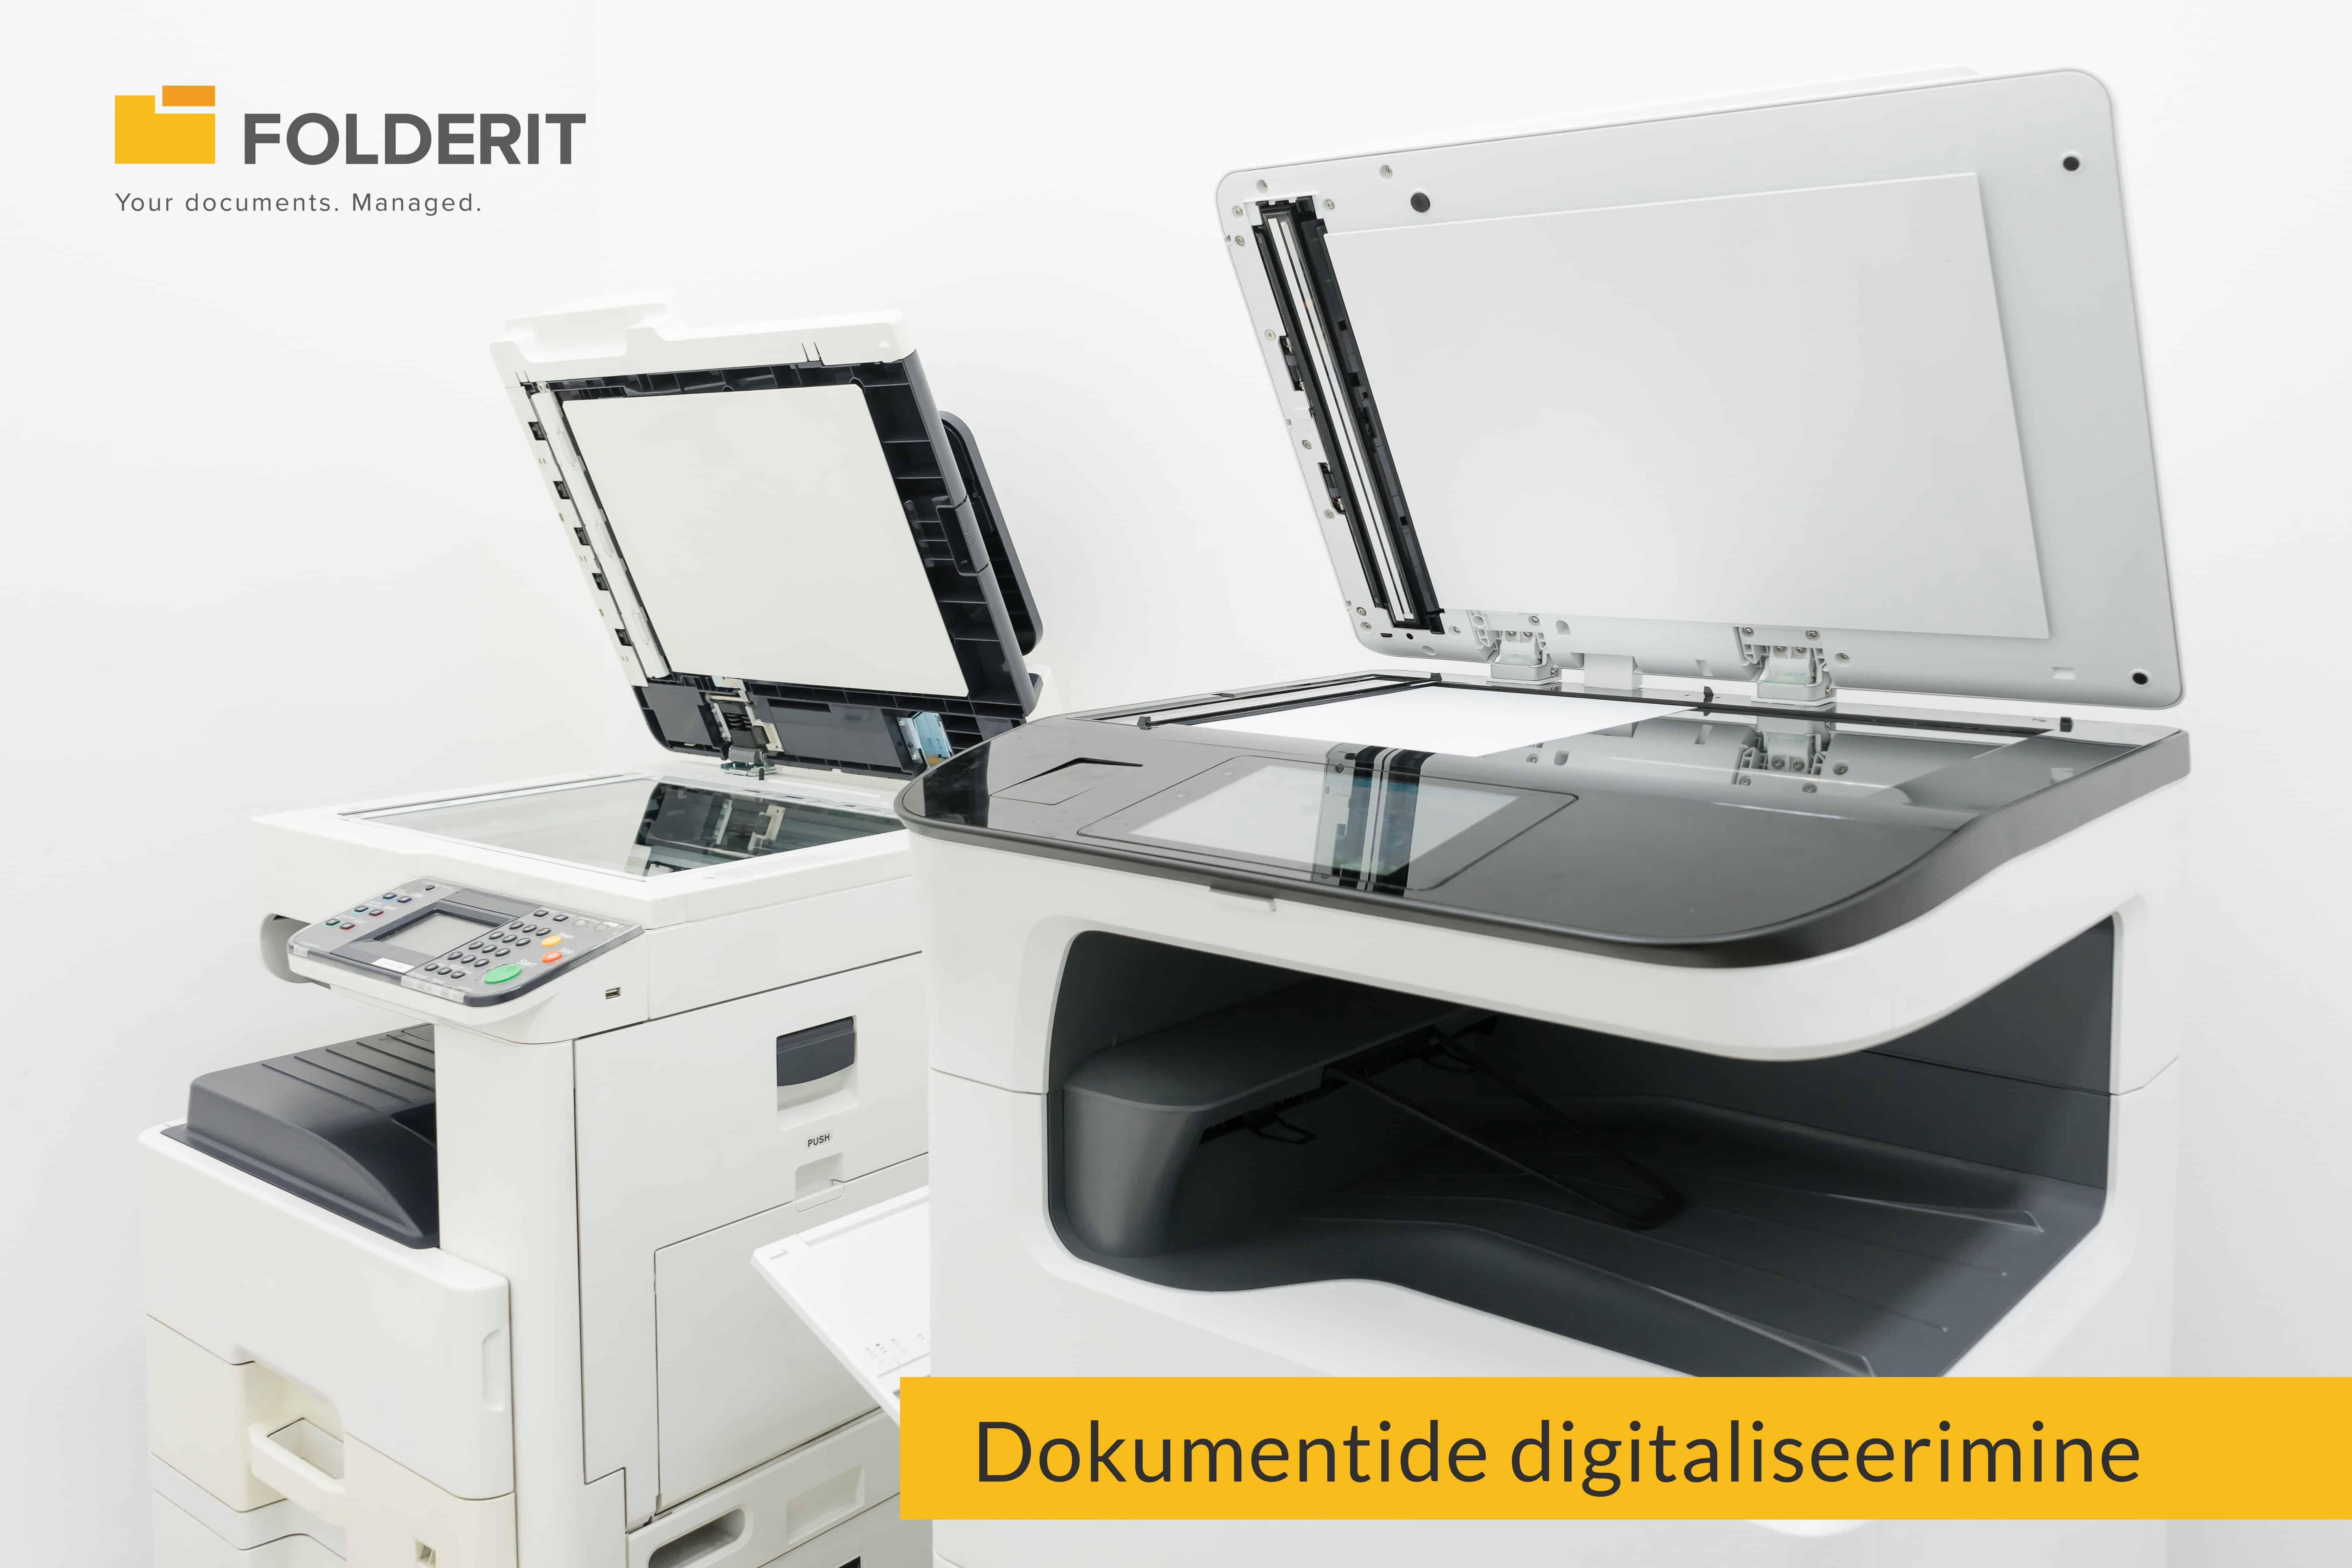 Dokumentide digitaliseerimine digiteerimine